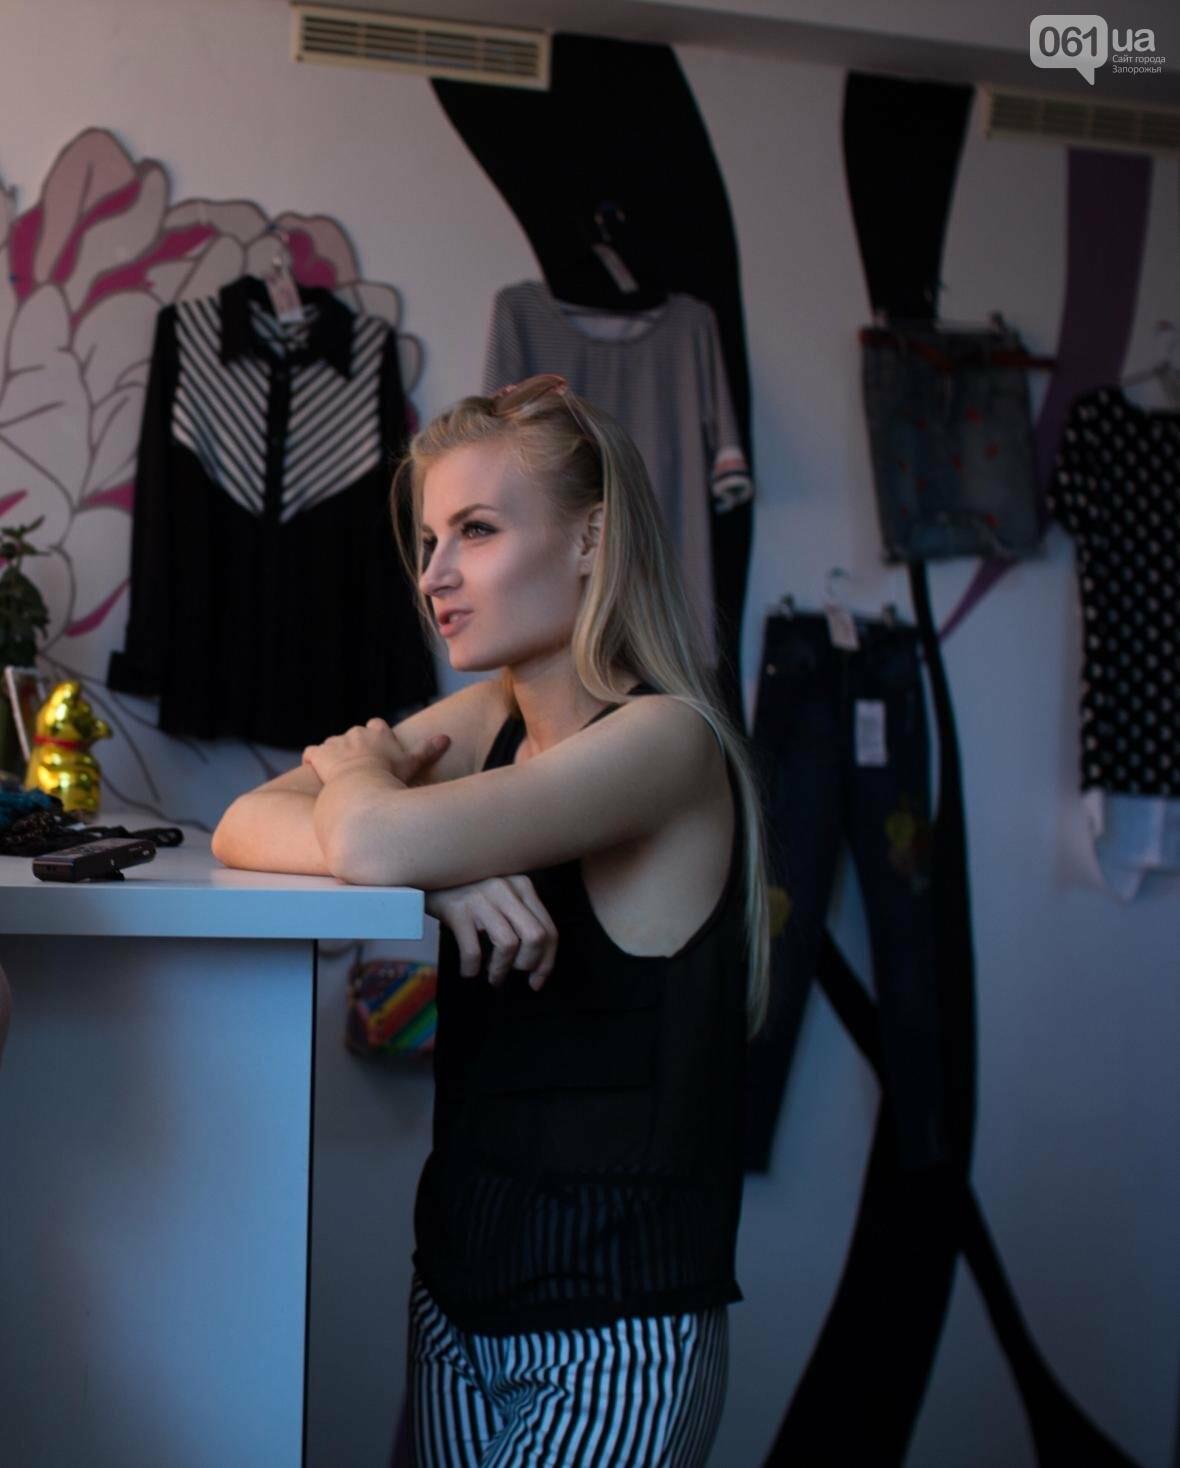 От первого фото в Инстаграм до заказов со всего мира: как запорожанка Анастасия Моргуль стала дизайнером нижнего белья, фото-13